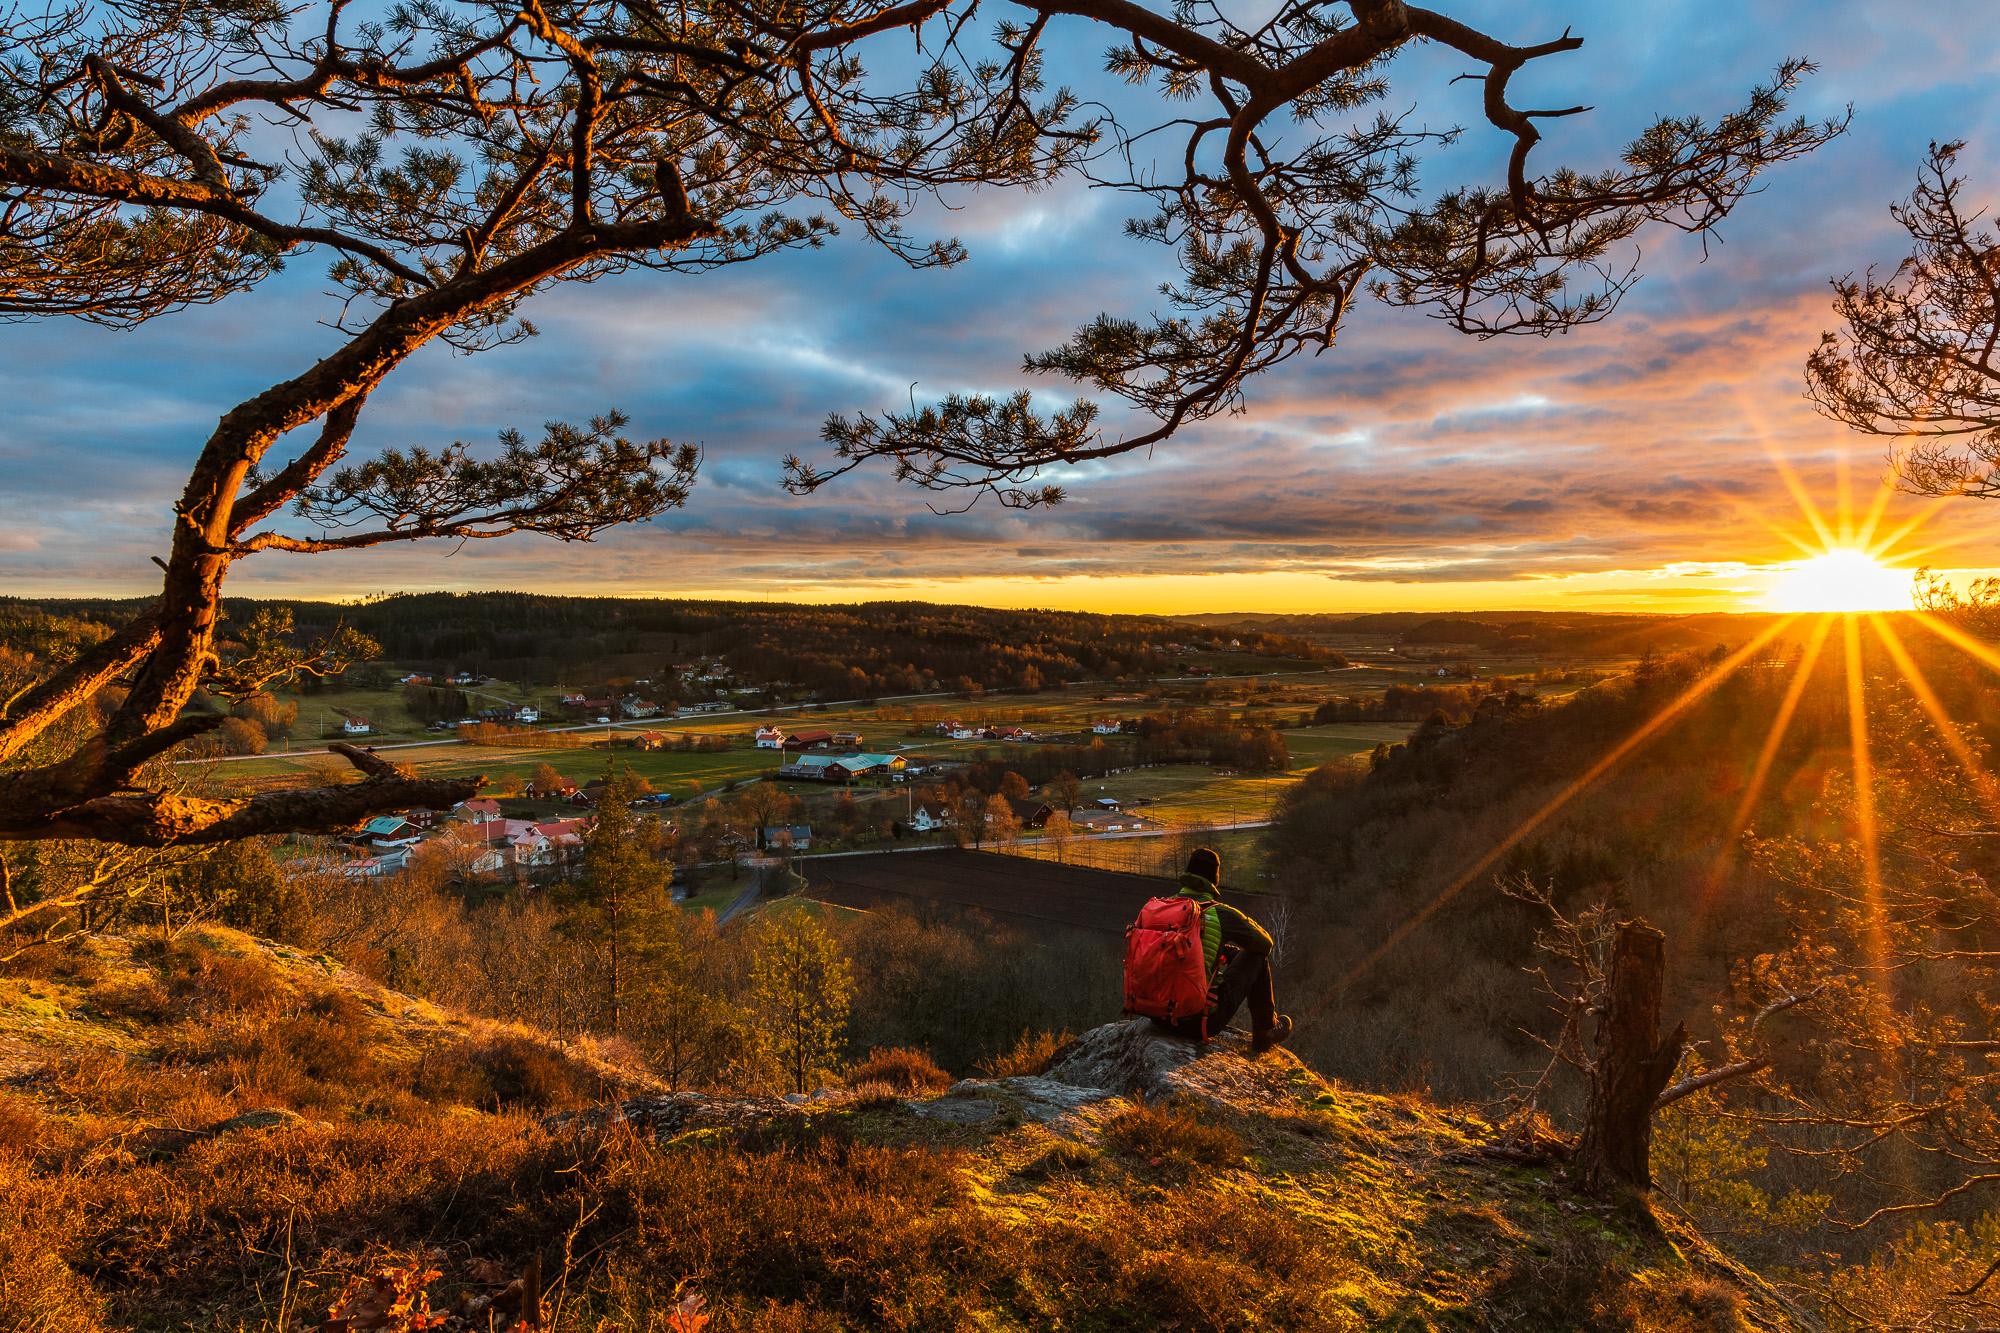 Utsikt från Börsåsberget, Mölndal. Foto: Mikael Svensson, www.mikaelsvensson.com